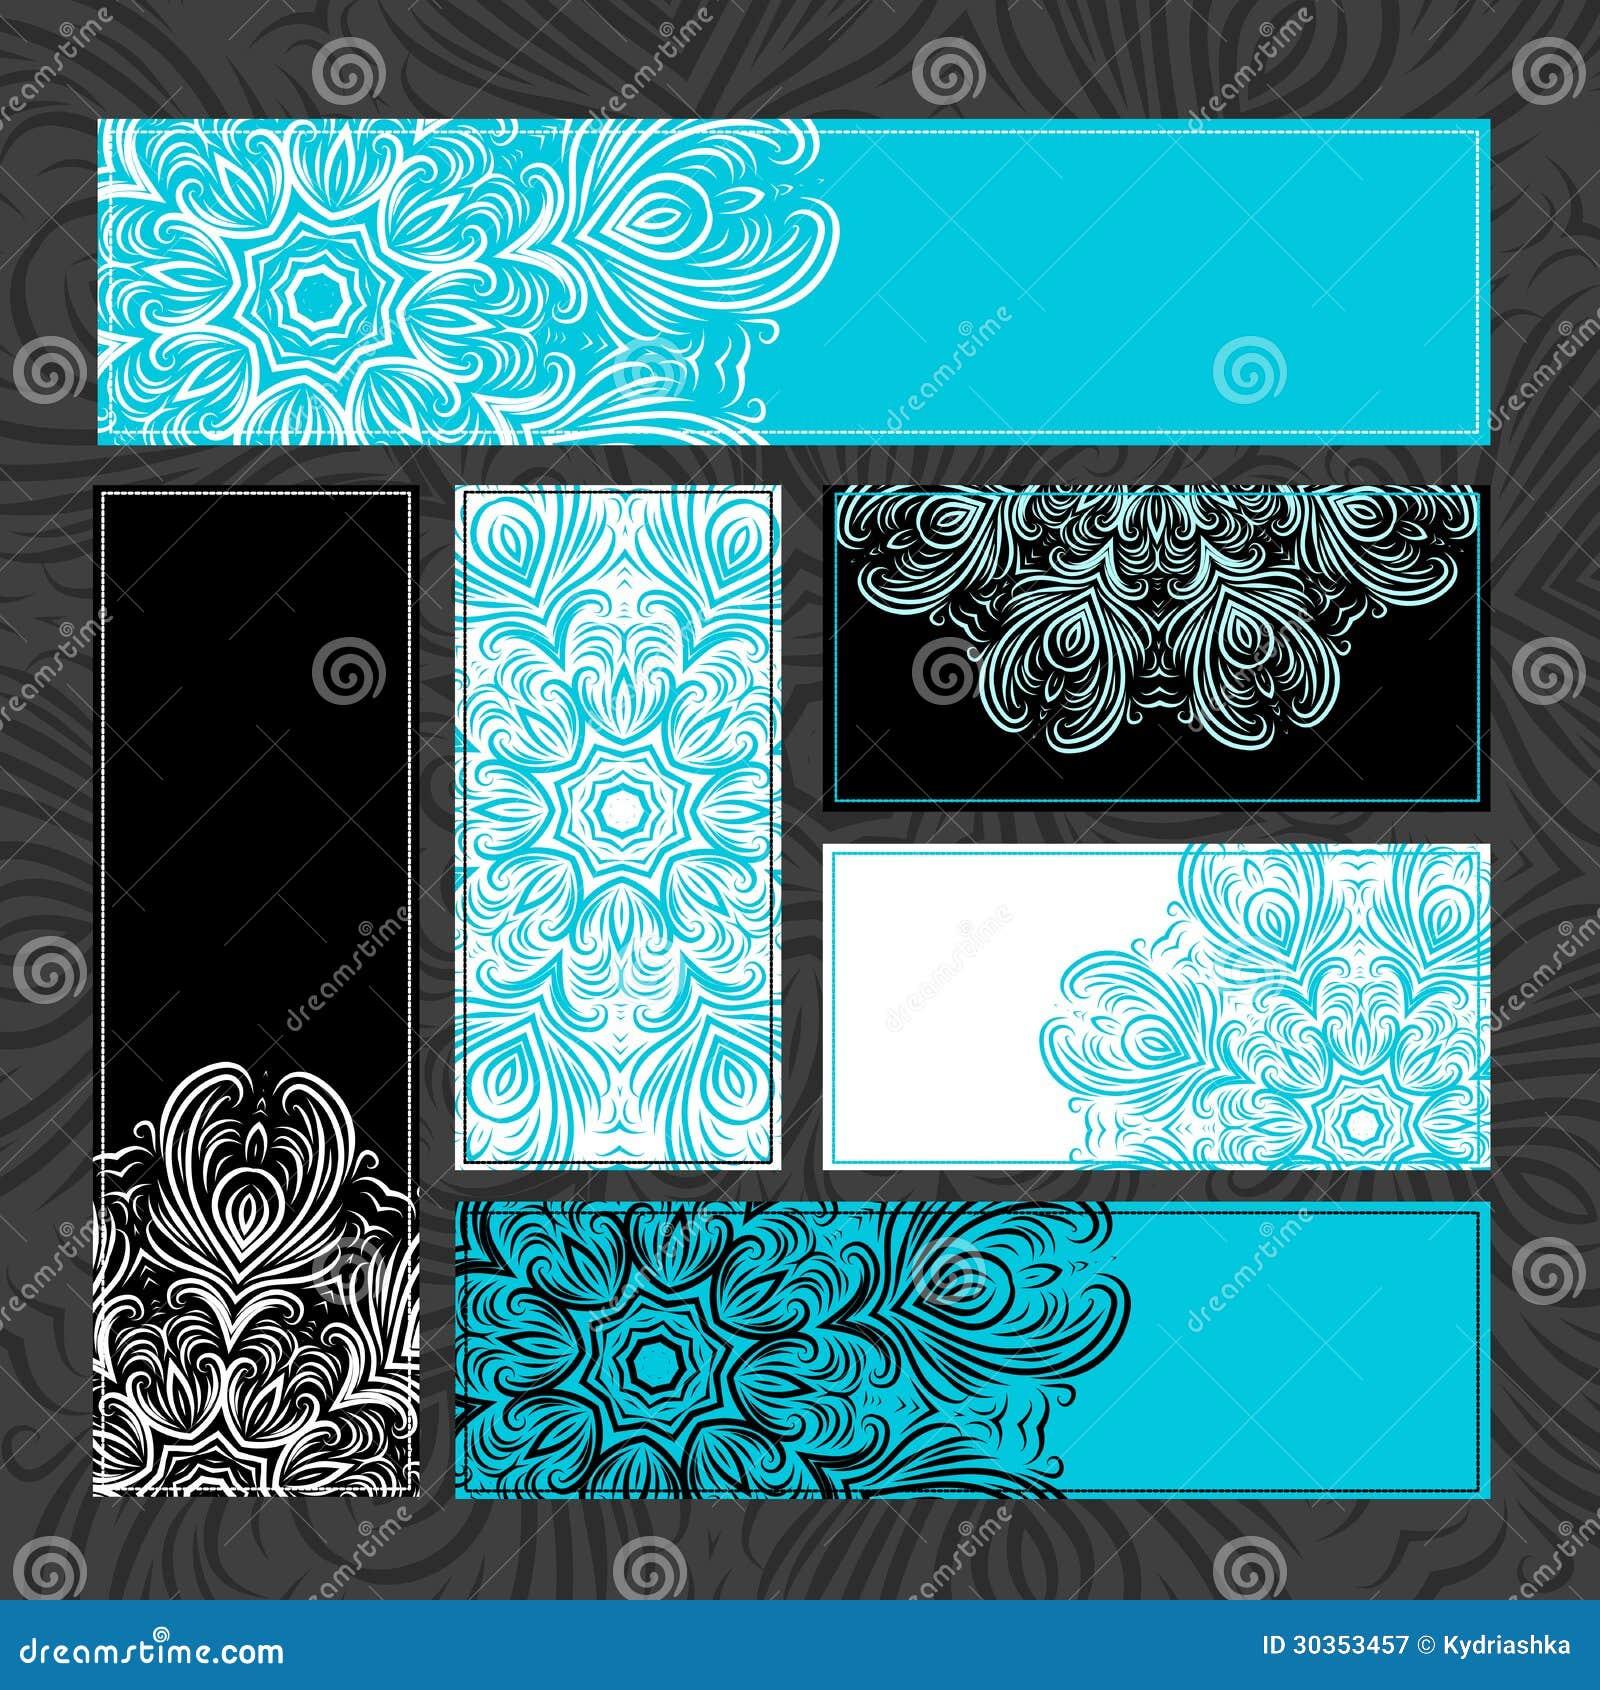 Tarjetas ornamentales del vintage para su dise o - Disenos para tarjetas ...